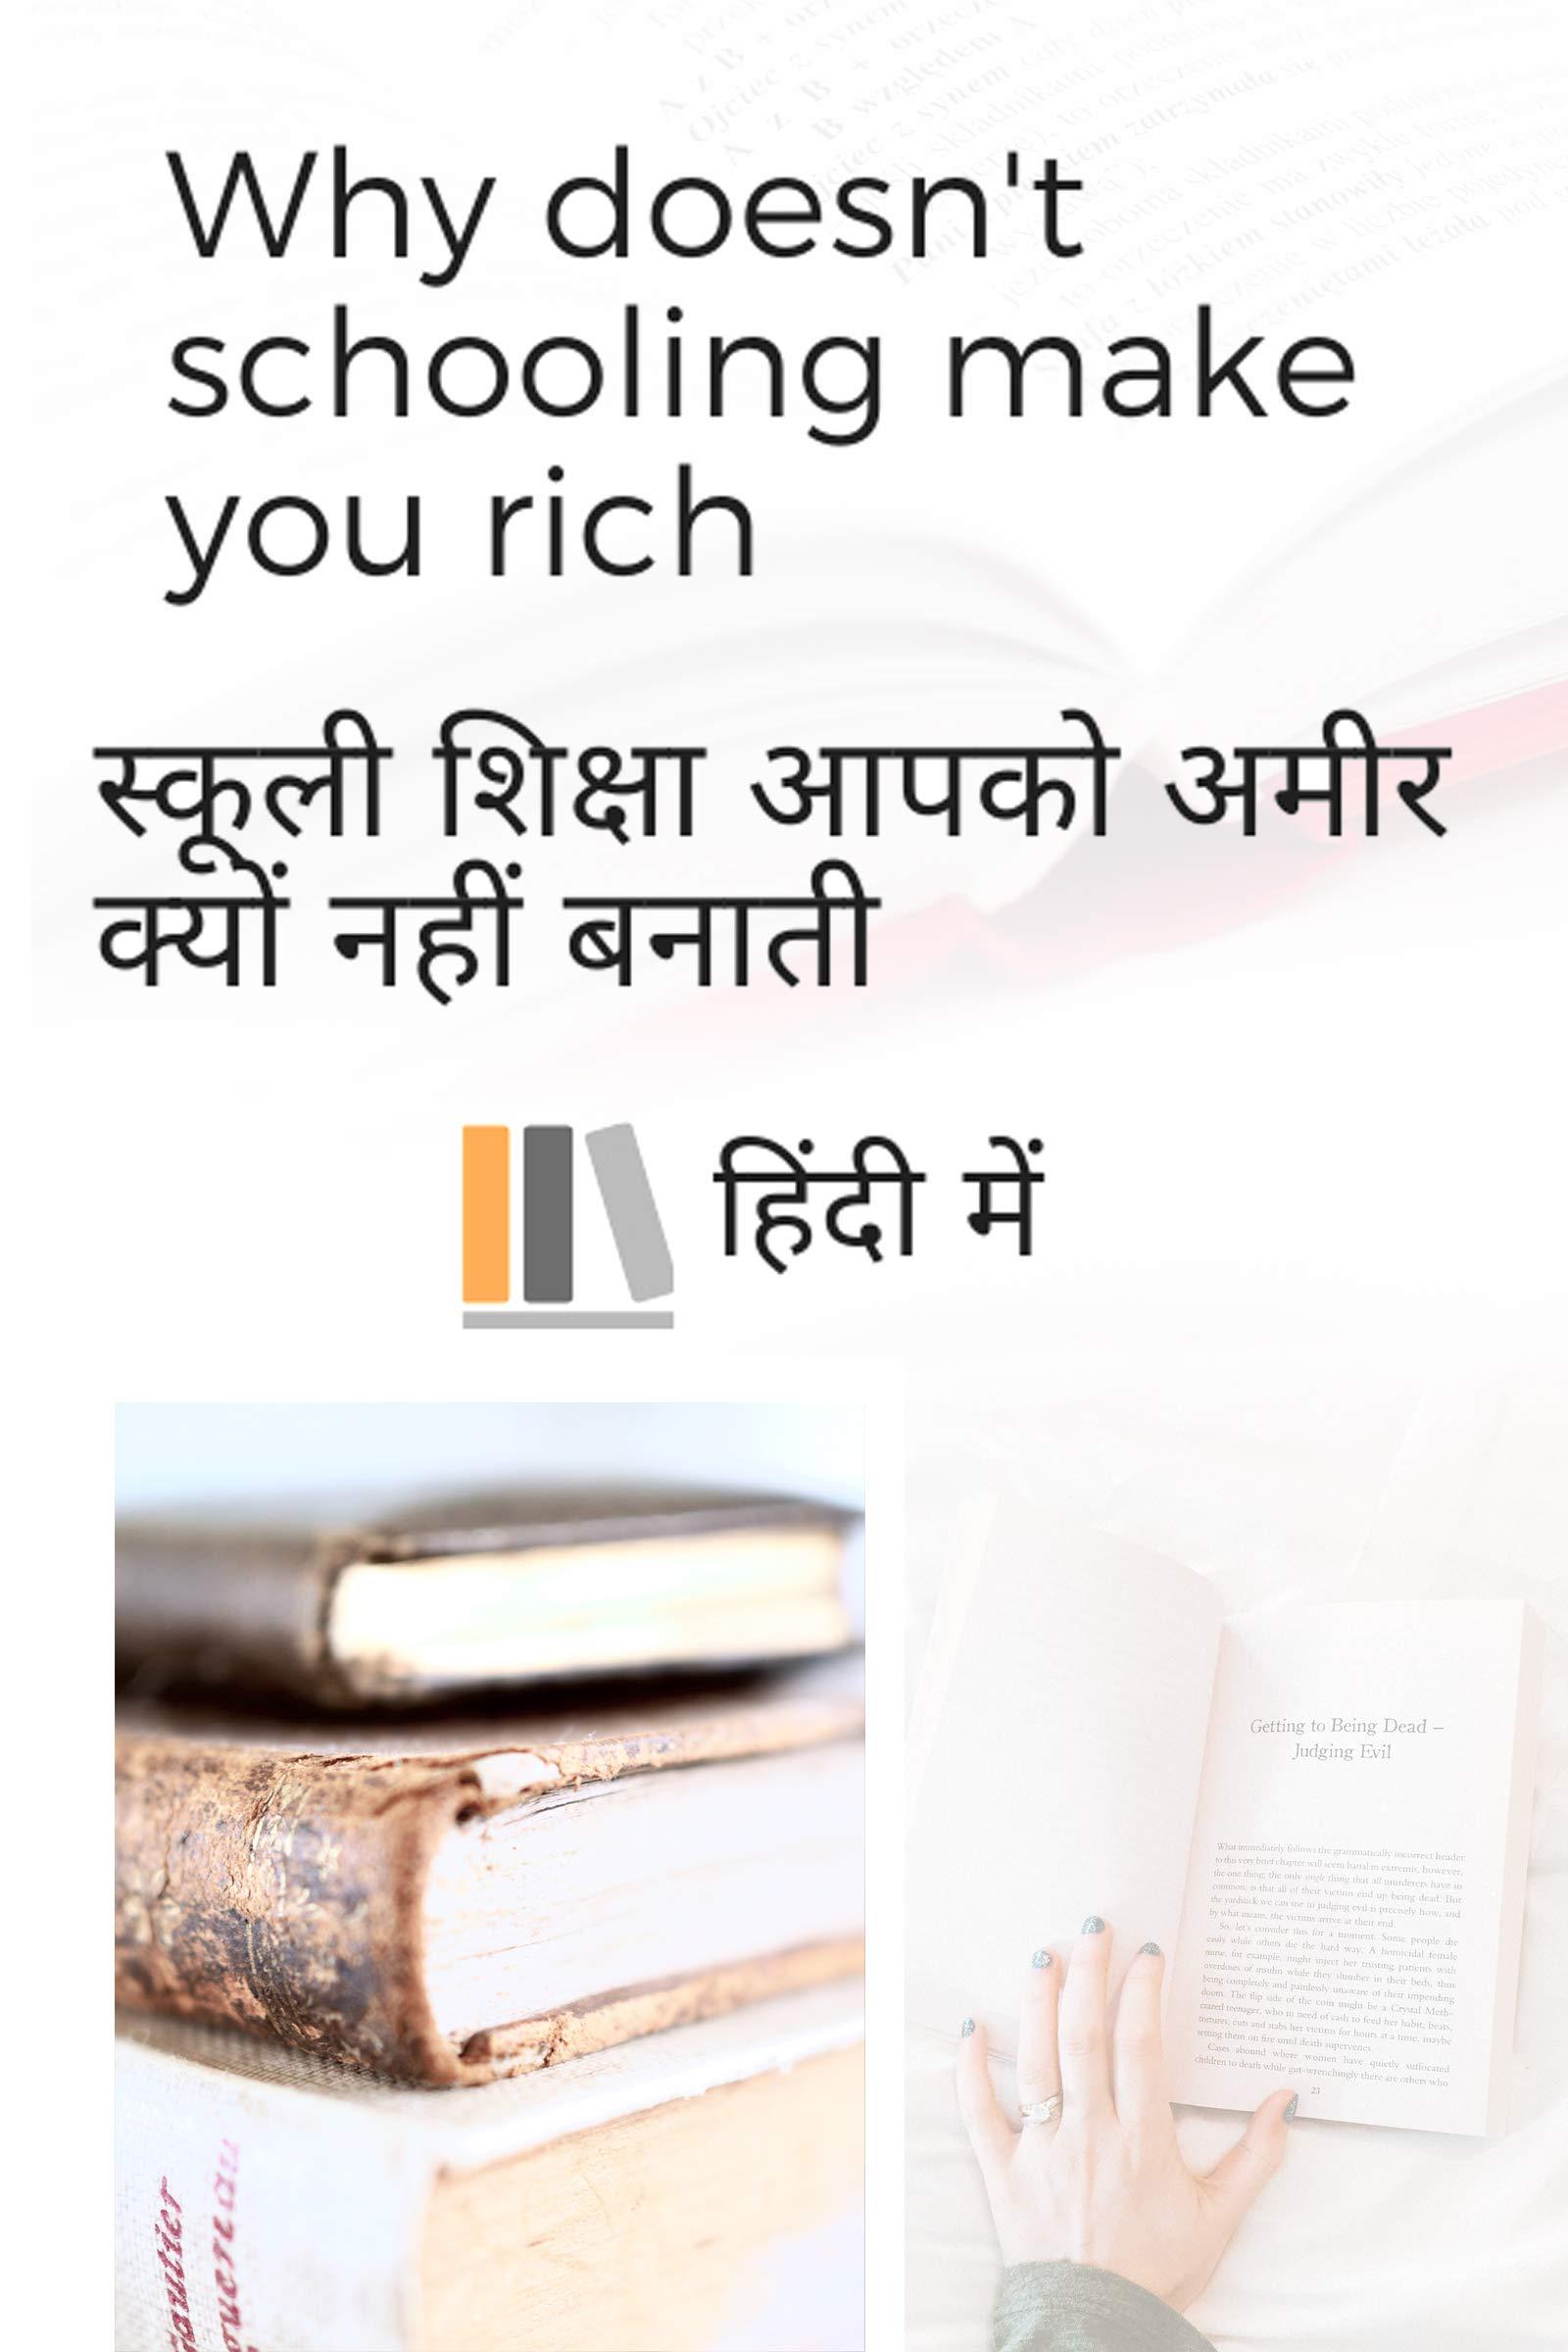 Schooli shiksha aapko amir kyu nahi banati: Schooli shiksha aapko amir kyu nahi banati (Hindi Edition)